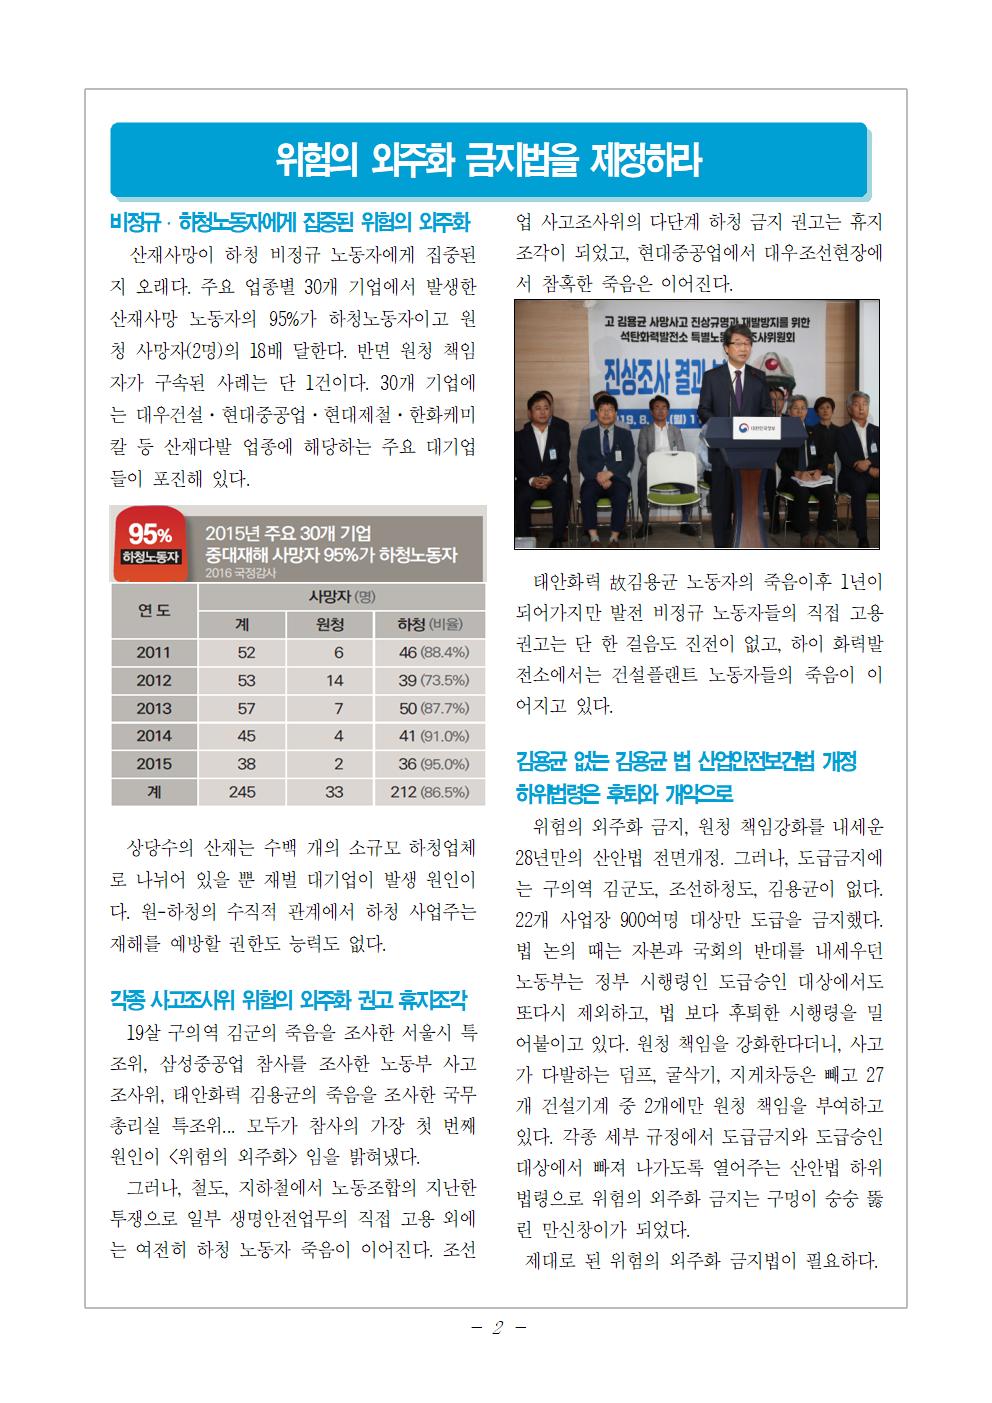 2019_노안순회투쟁교육지_1217002.png